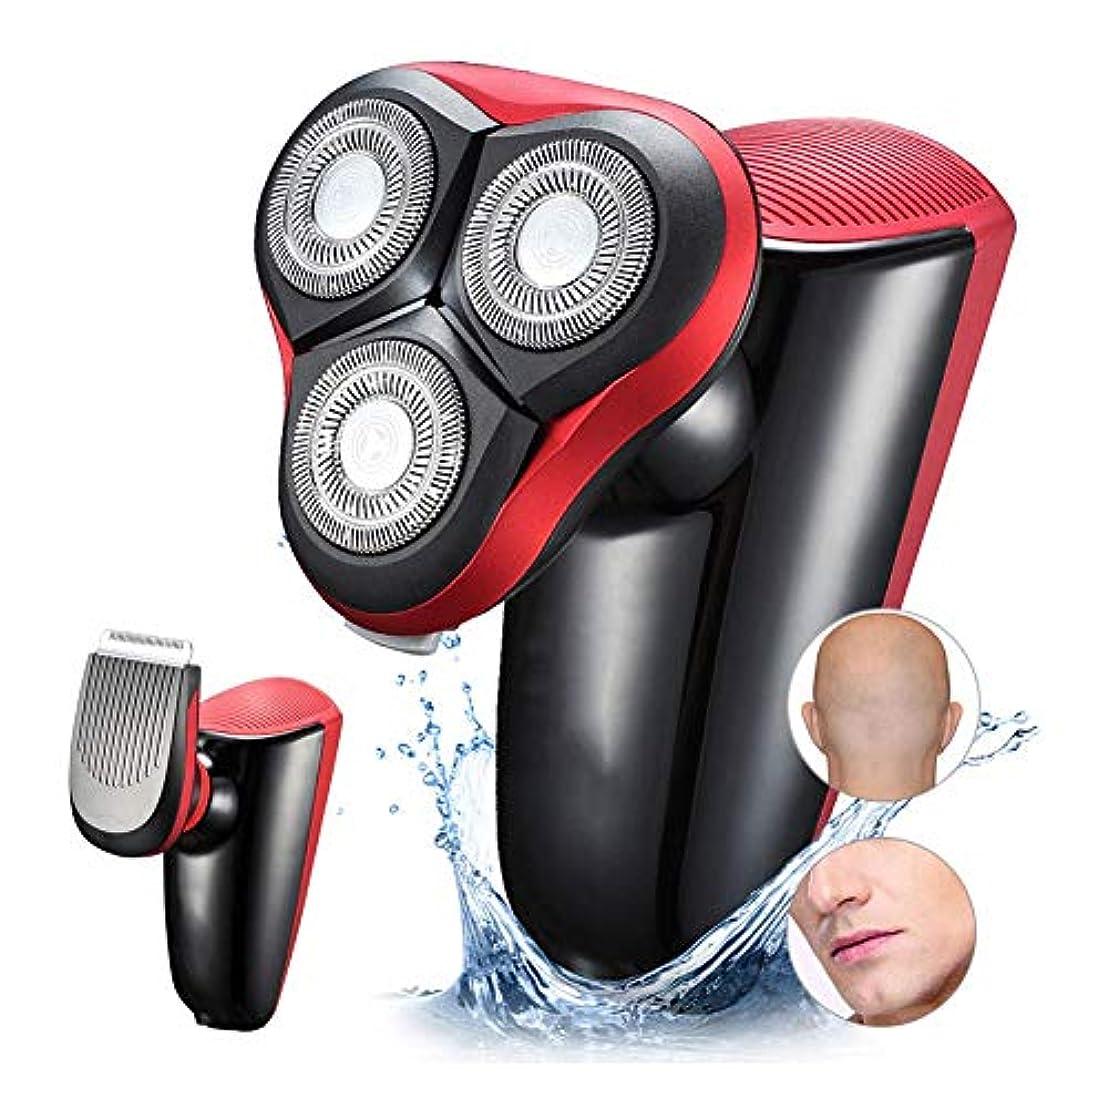 アプローチ処理準備男性のヒゲトリマーバリカンかみそりの刃シェーバー3洗えるシェービングマシンのUSB充電式のため簡単にヘッドシェーバー電気シェーバーかみそり